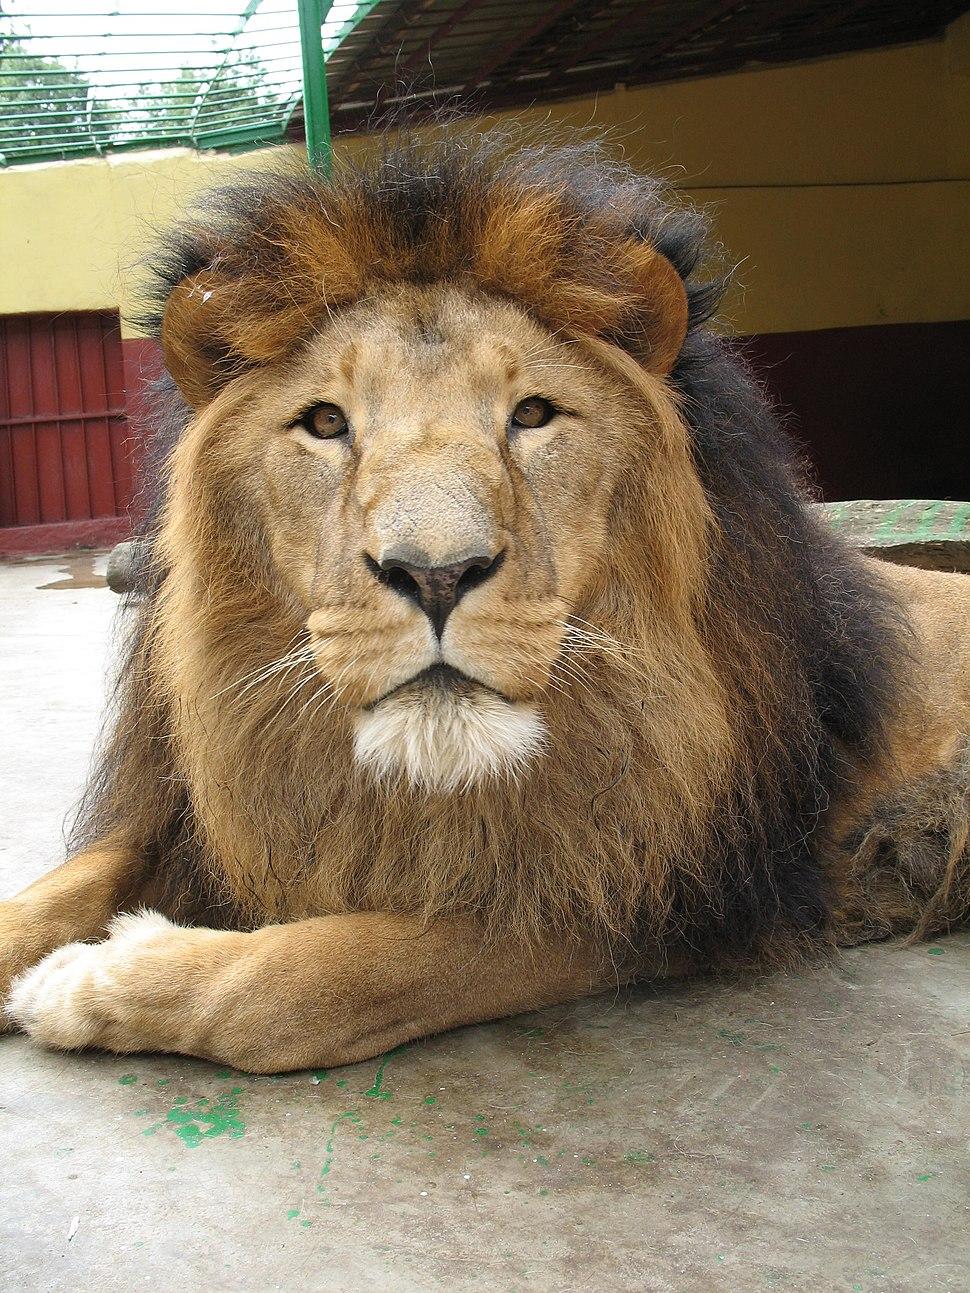 Lion zoo Addis Ababa